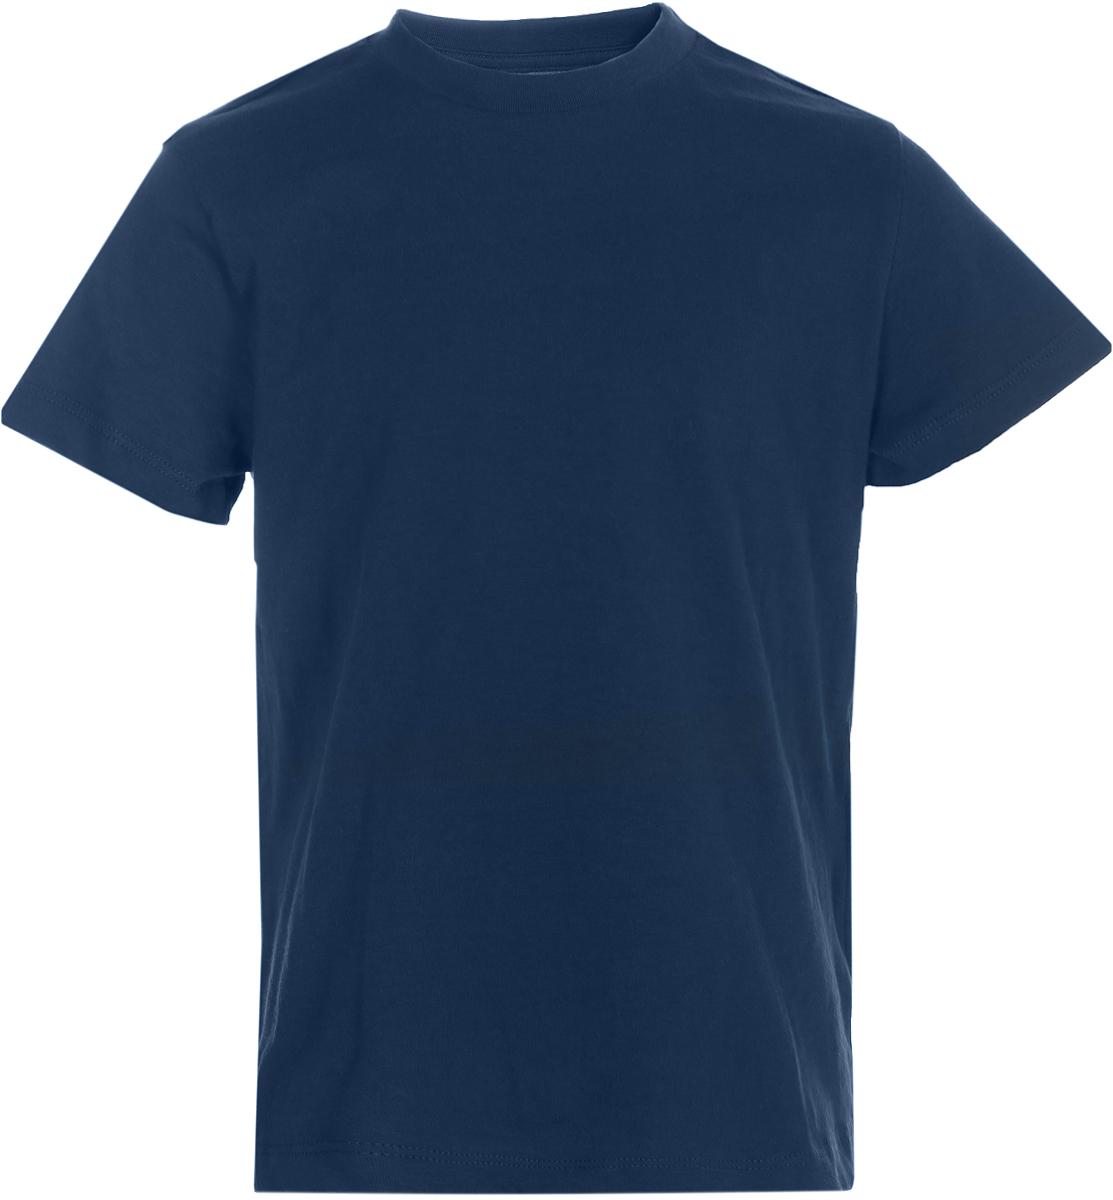 Футболка для мальчика Sela, цвет: темно-синий. Ts-711/533-8223. Размер 116 жакет женский sela цвет темно синий jtk 116 448 6171 размер s 44